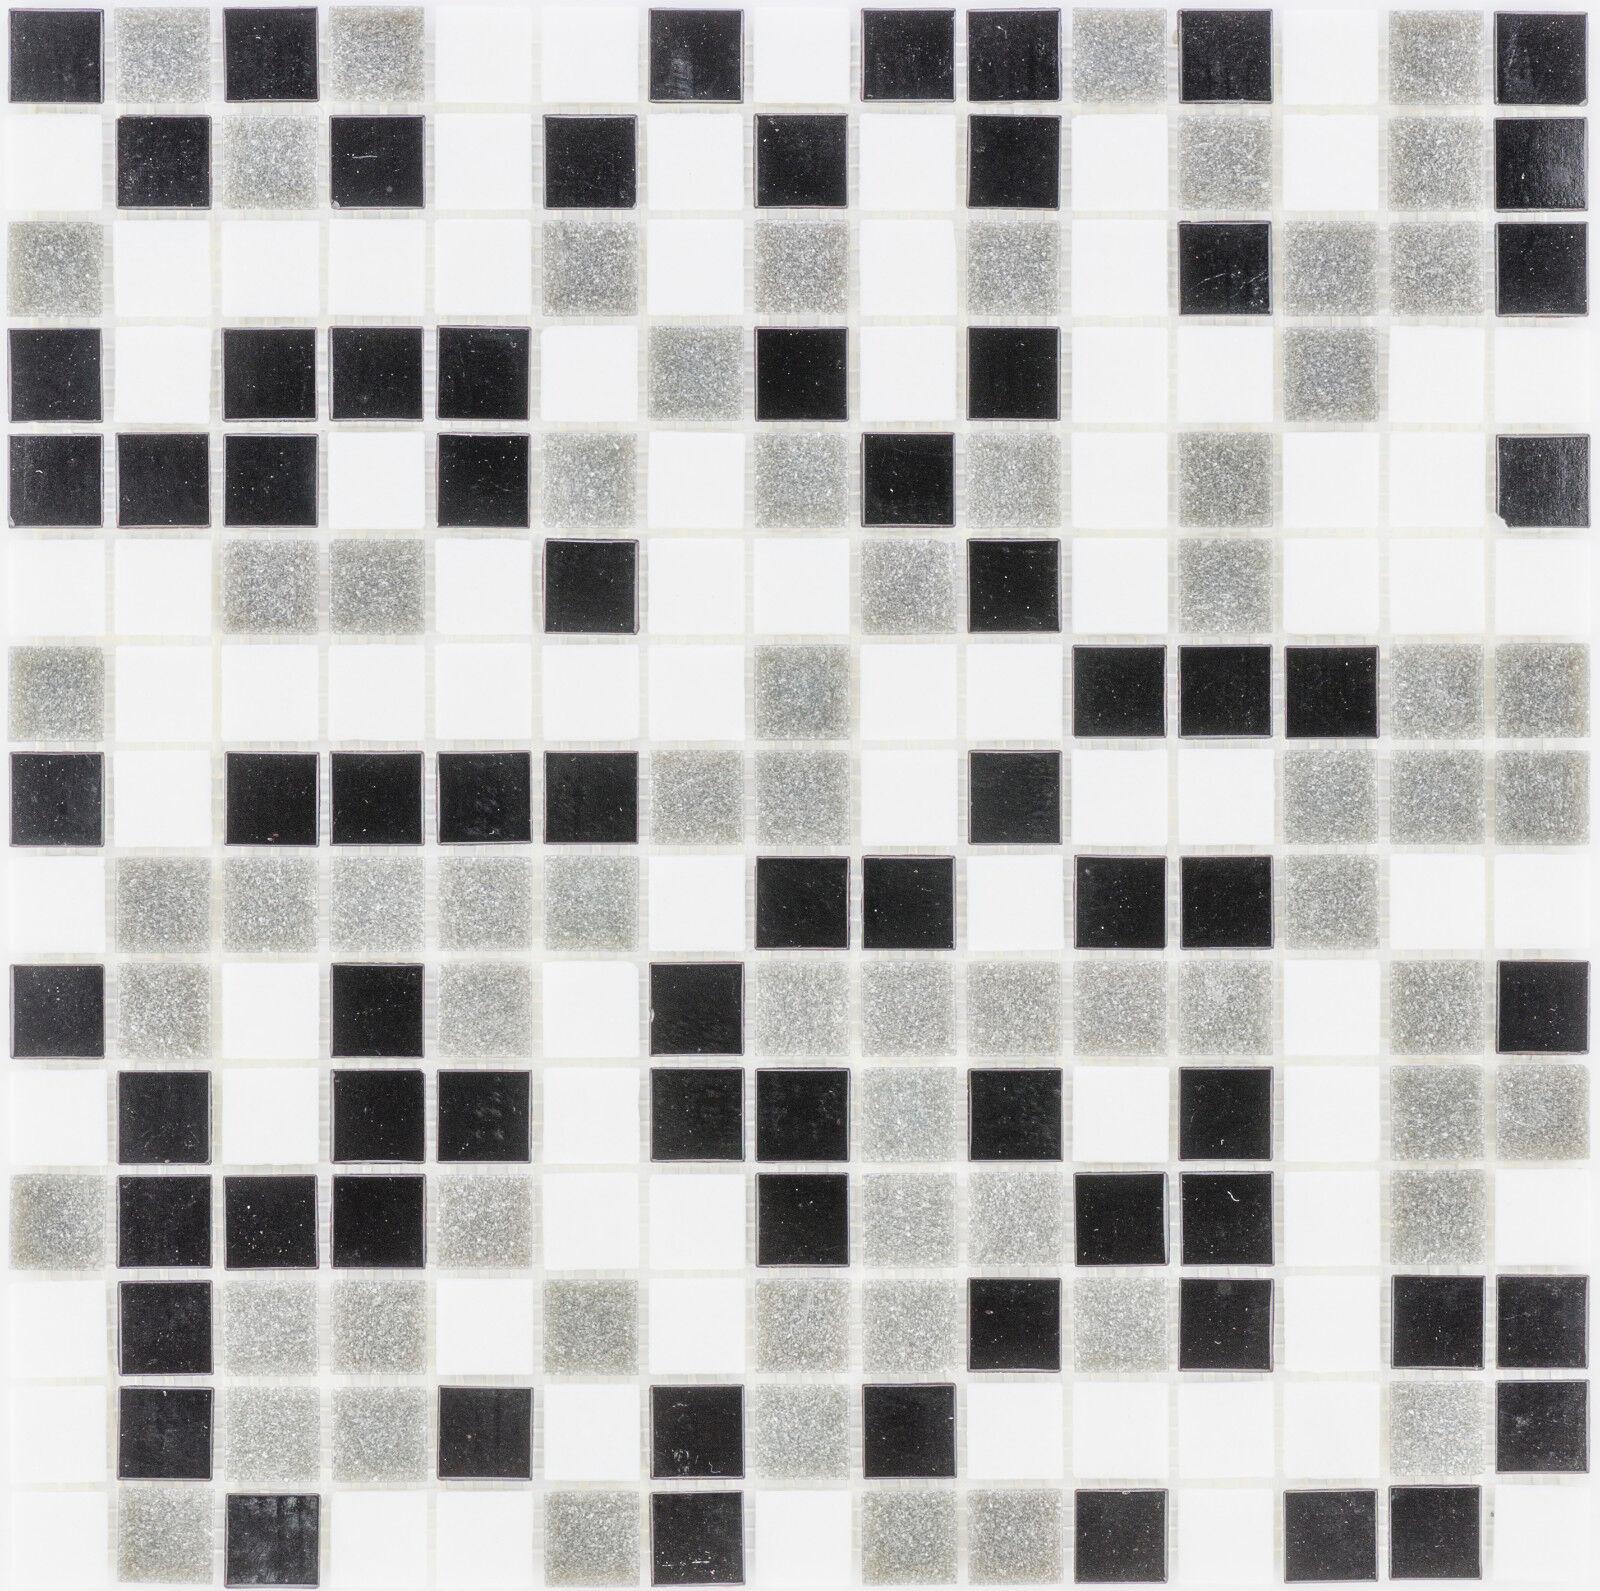 Glasmosaik Fliesenschwarz grau weiss Wand Boden WC Küche 10 Matten ES-28542 _f